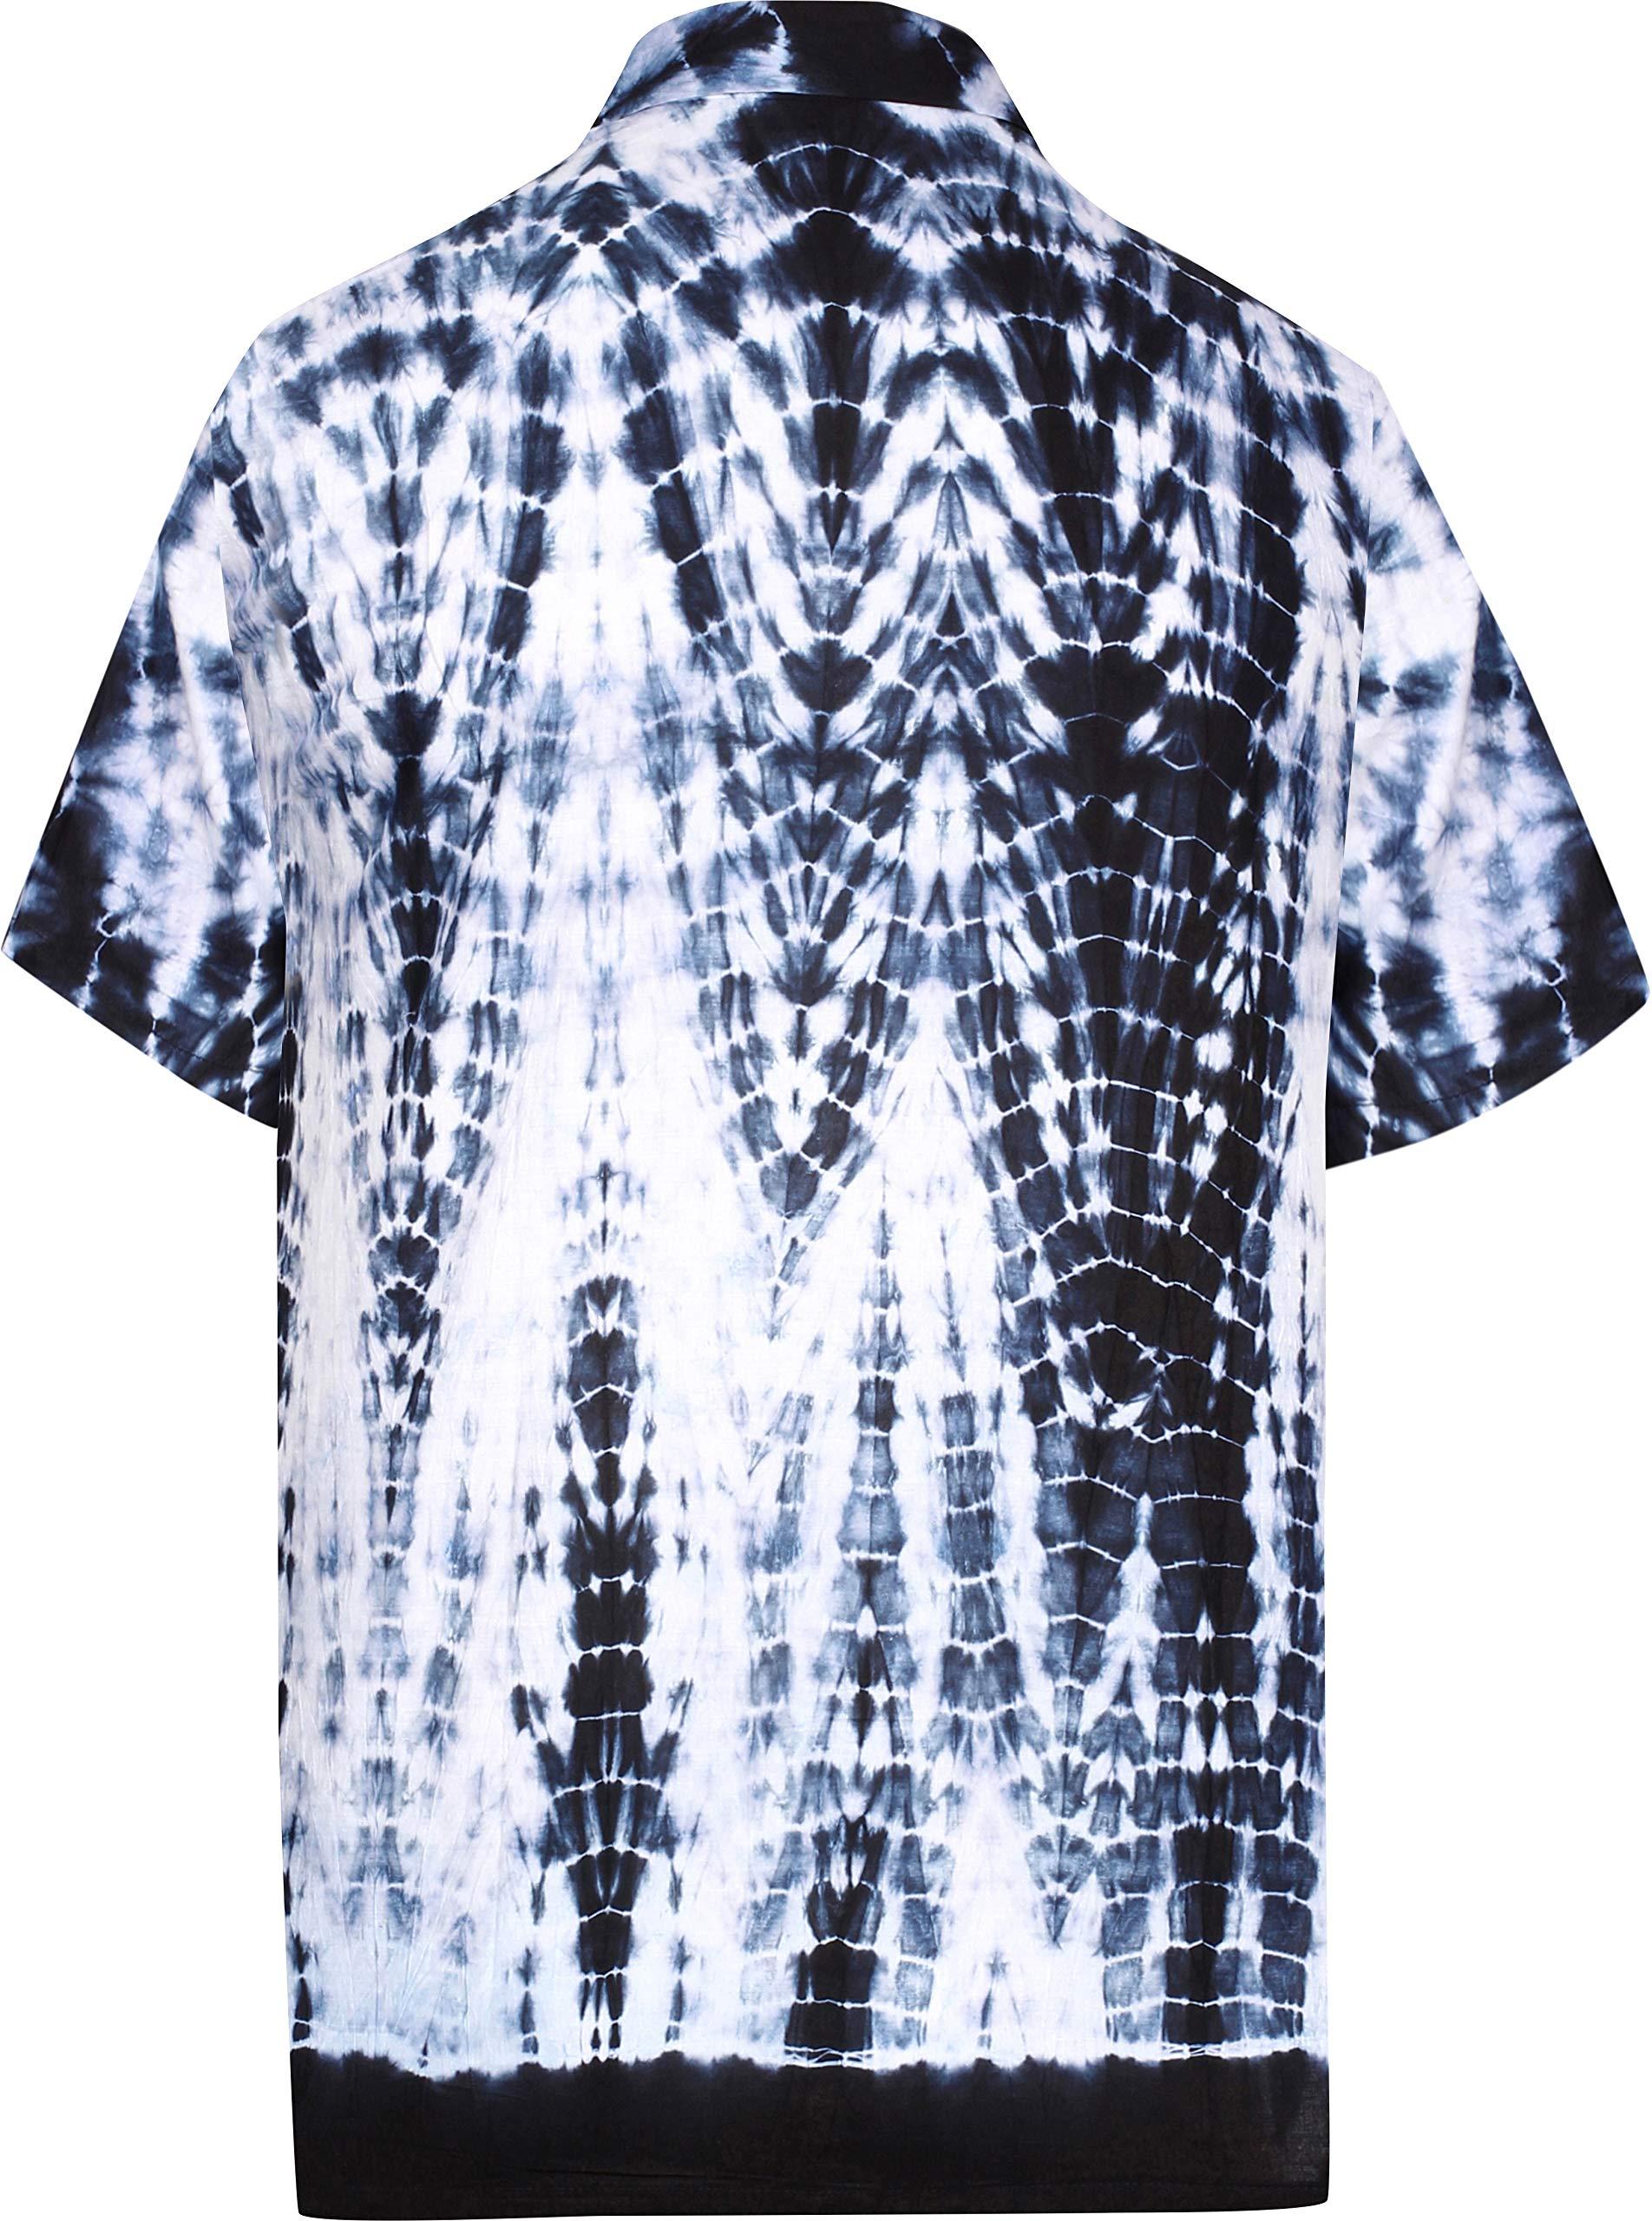 Jofemuho Mens Button Up Short Sleeve Print Stylish Chinese Style Dress Shirts